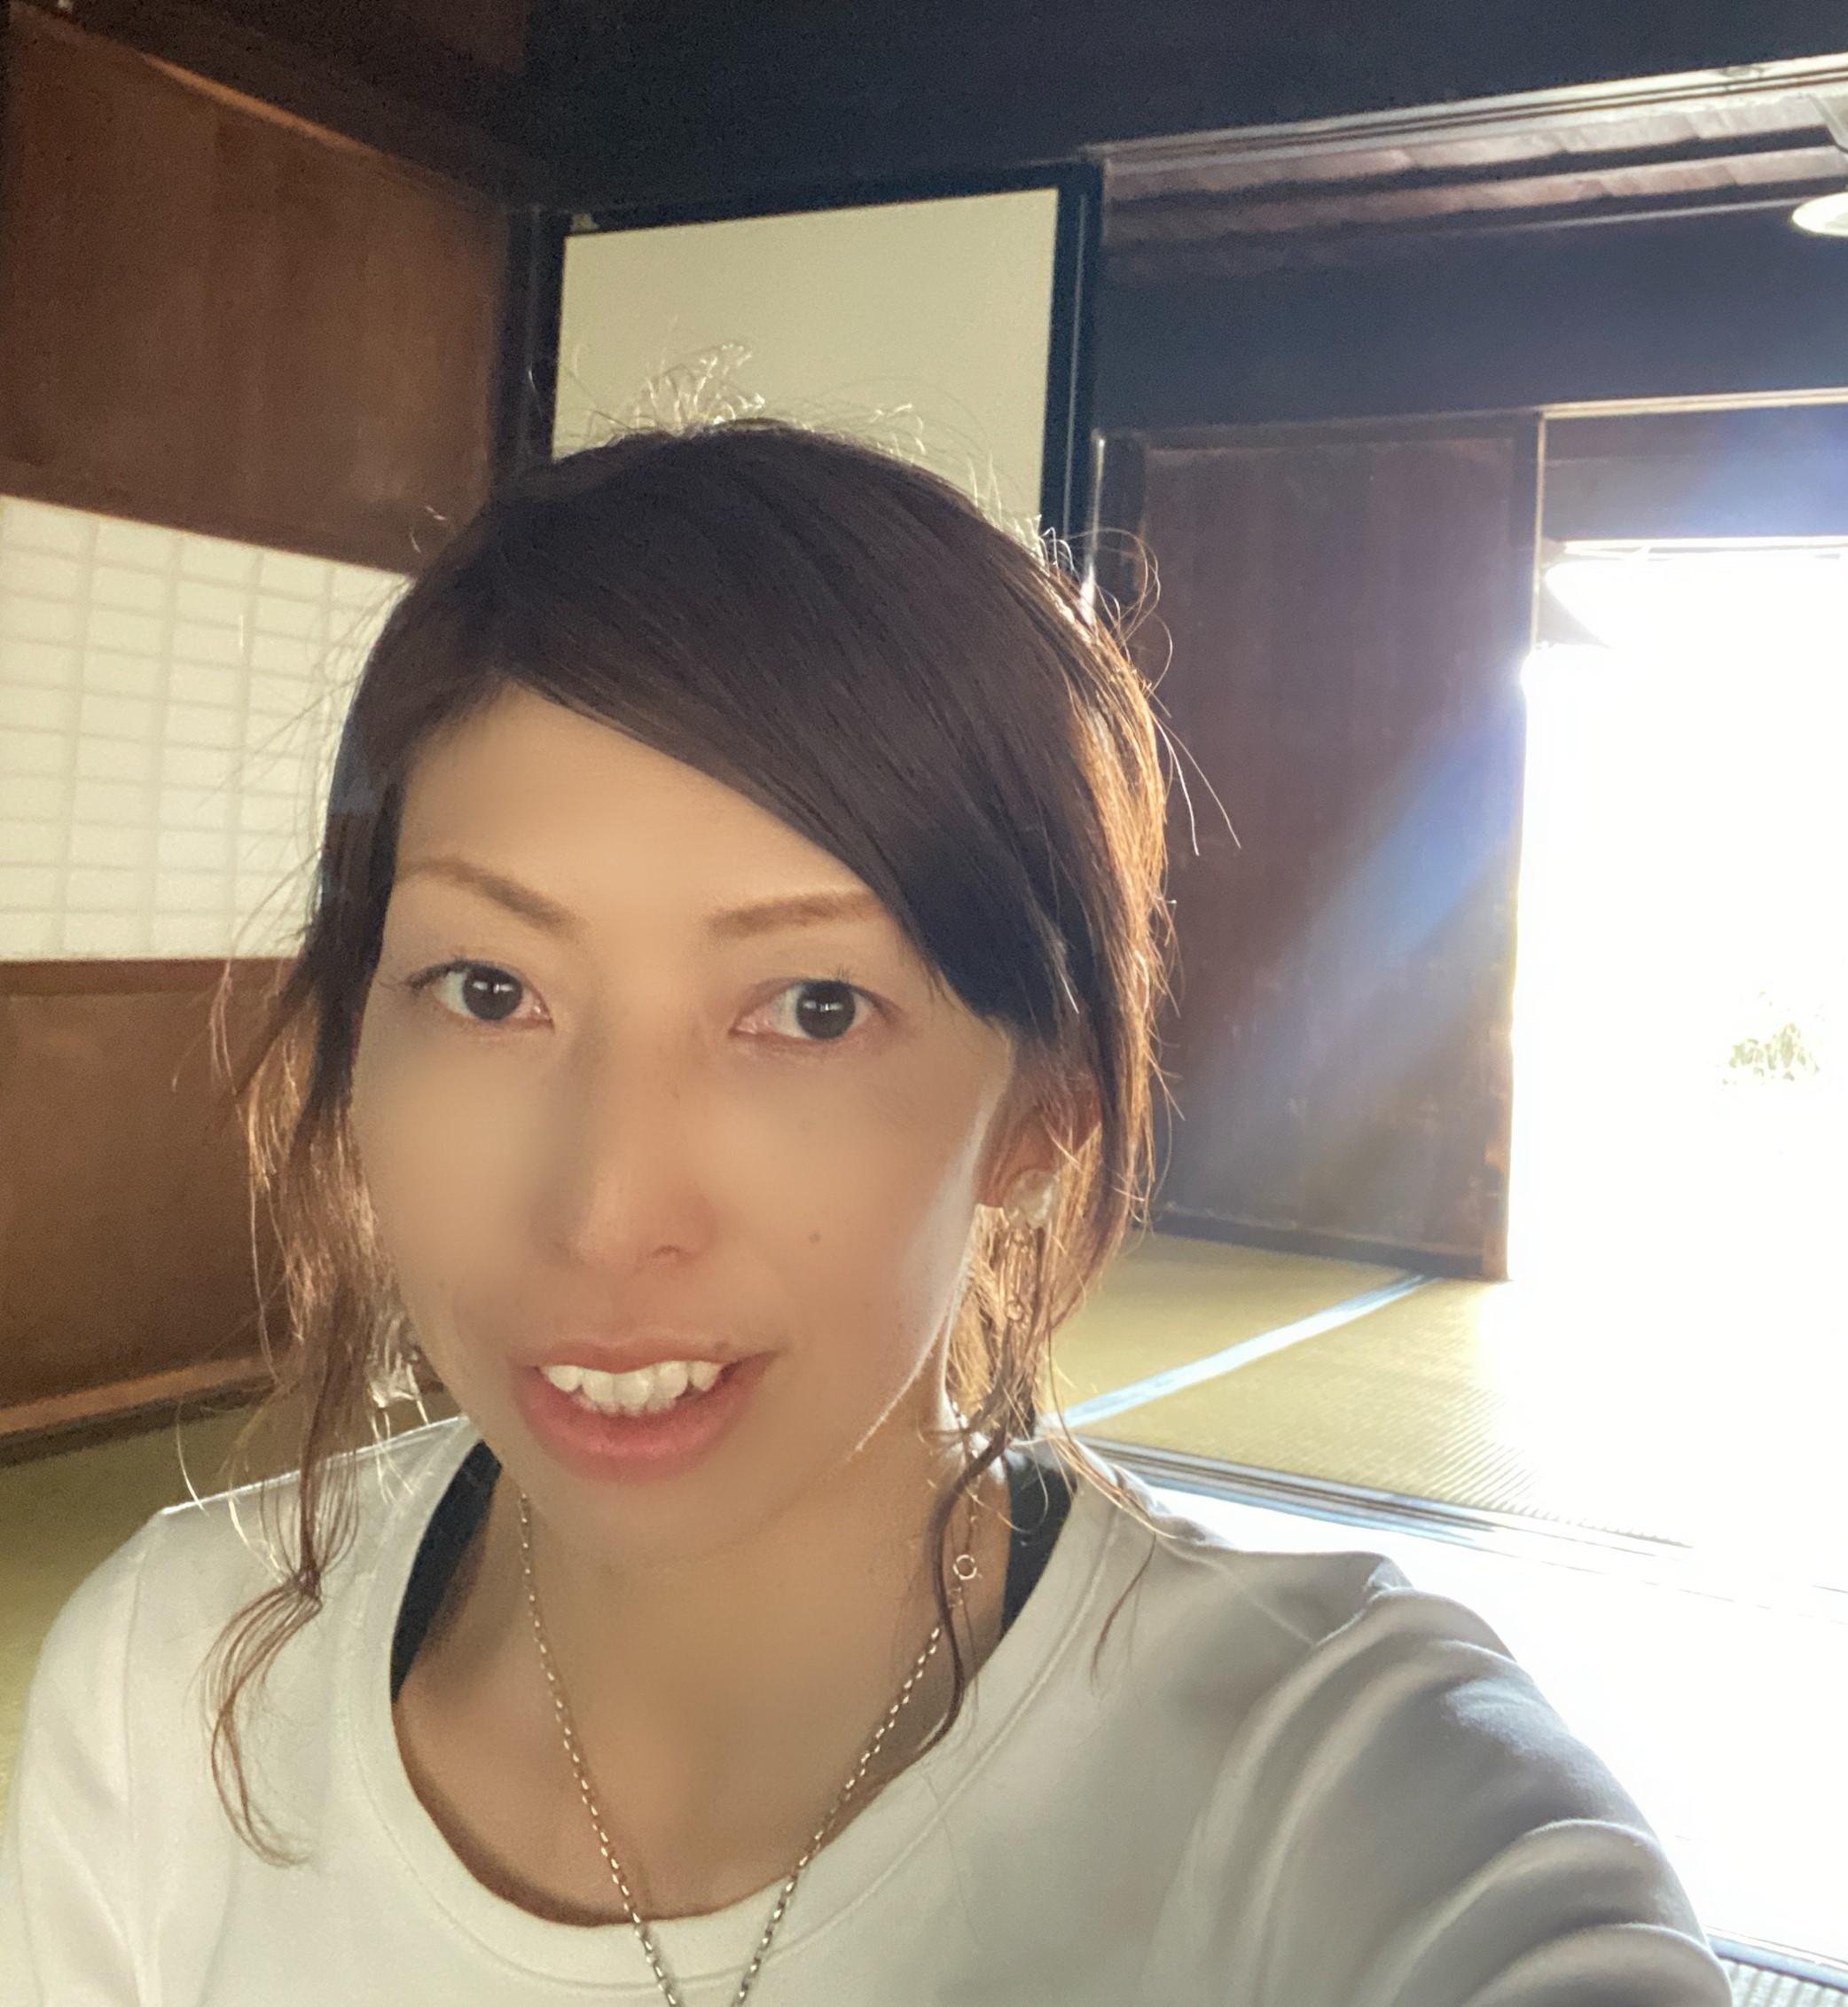 Asako Furuya